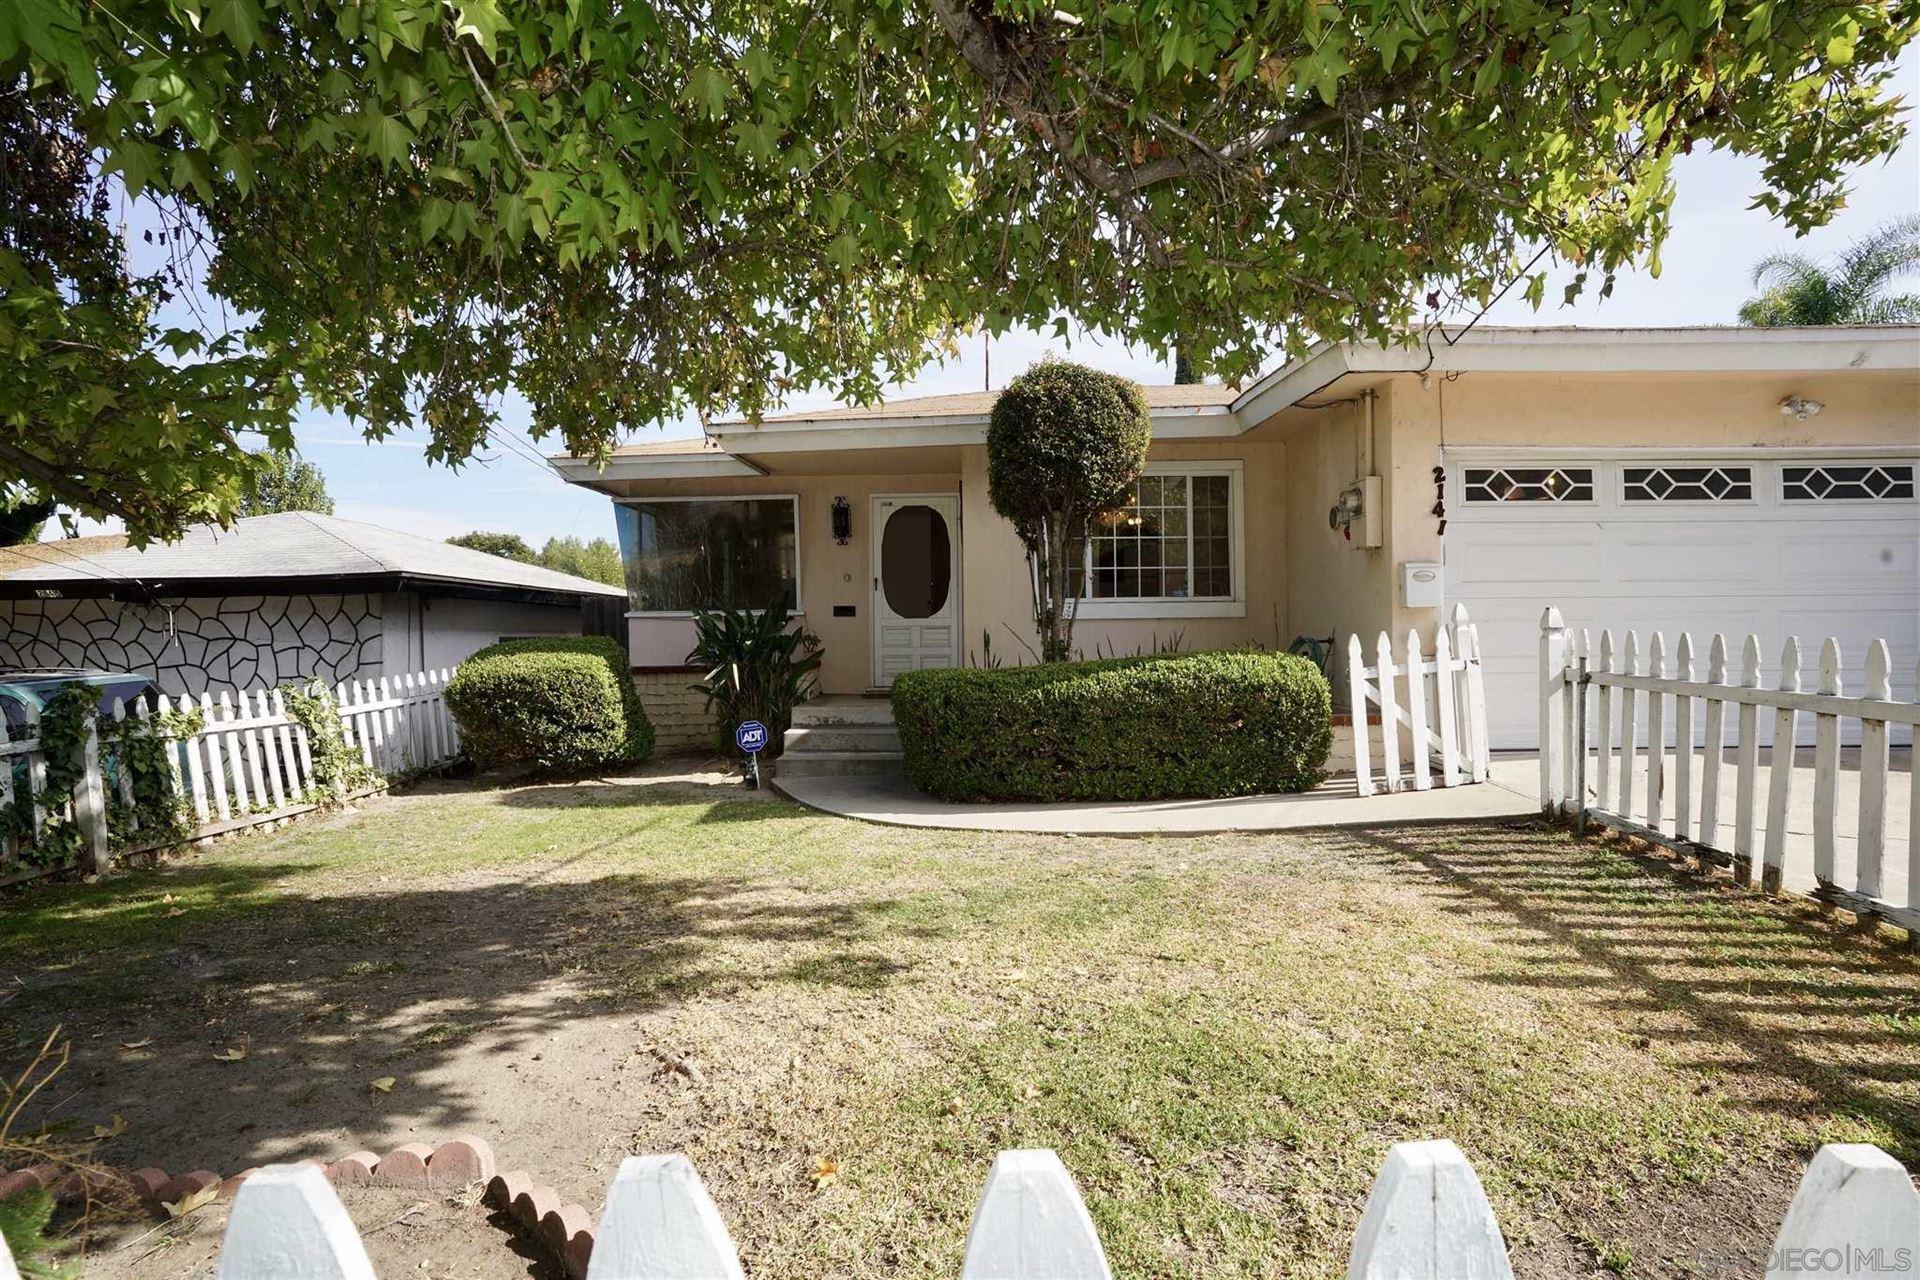 Photo of 2141 Winnett Street, San Diego, CA 92114 (MLS # 200052508)